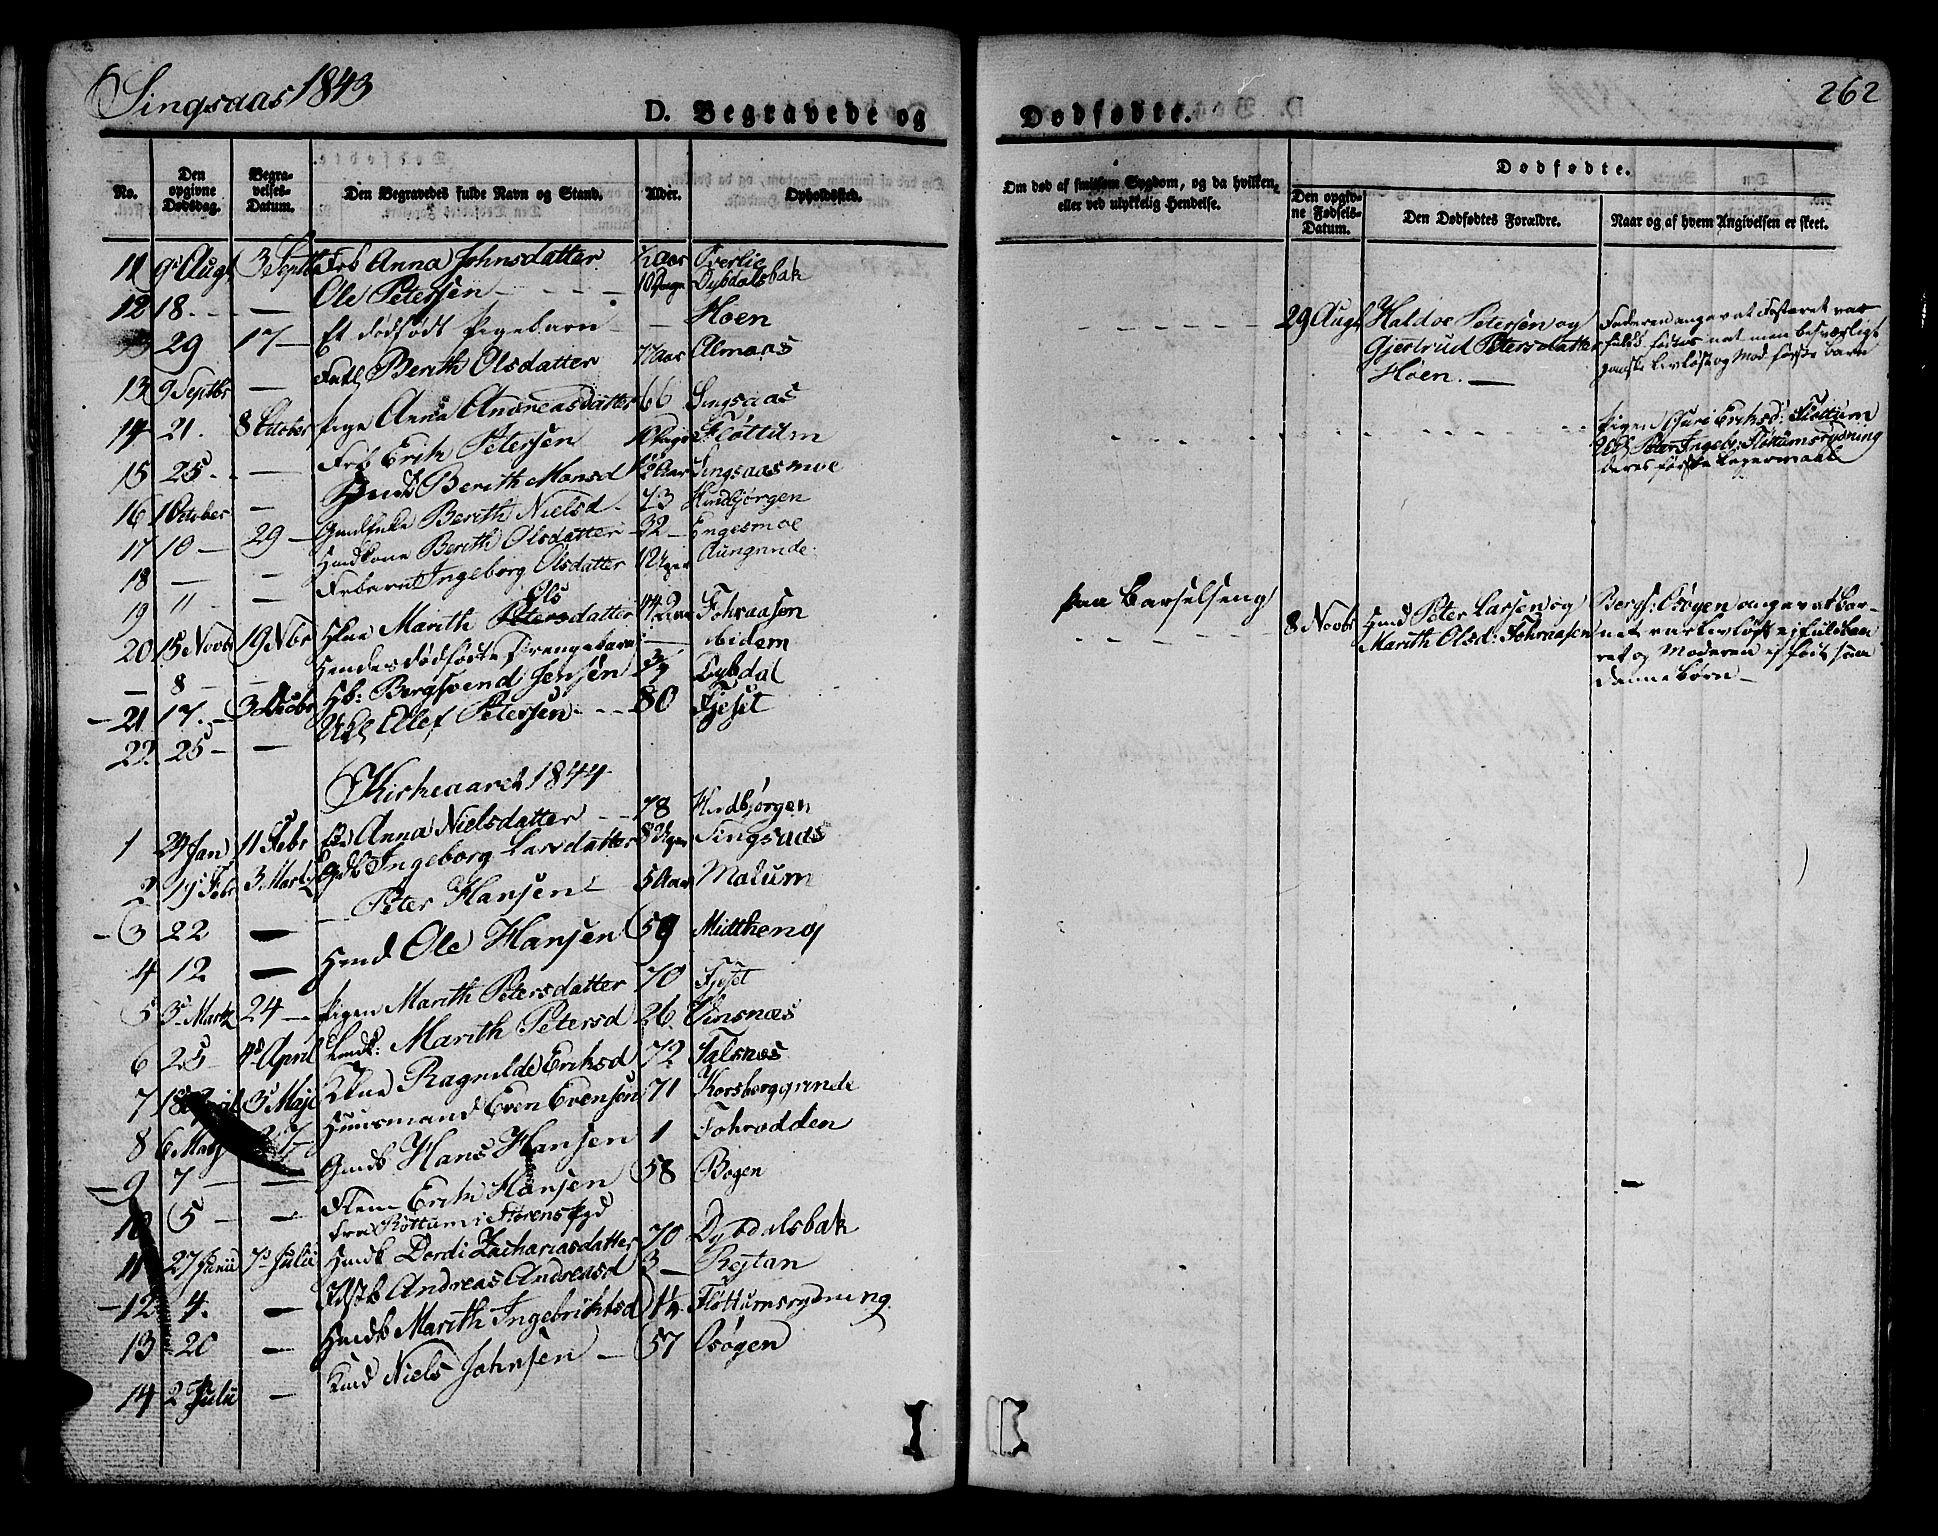 SAT, Ministerialprotokoller, klokkerbøker og fødselsregistre - Sør-Trøndelag, 685/L0961: Ministerialbok nr. 685A05 /2, 1829-1845, s. 262